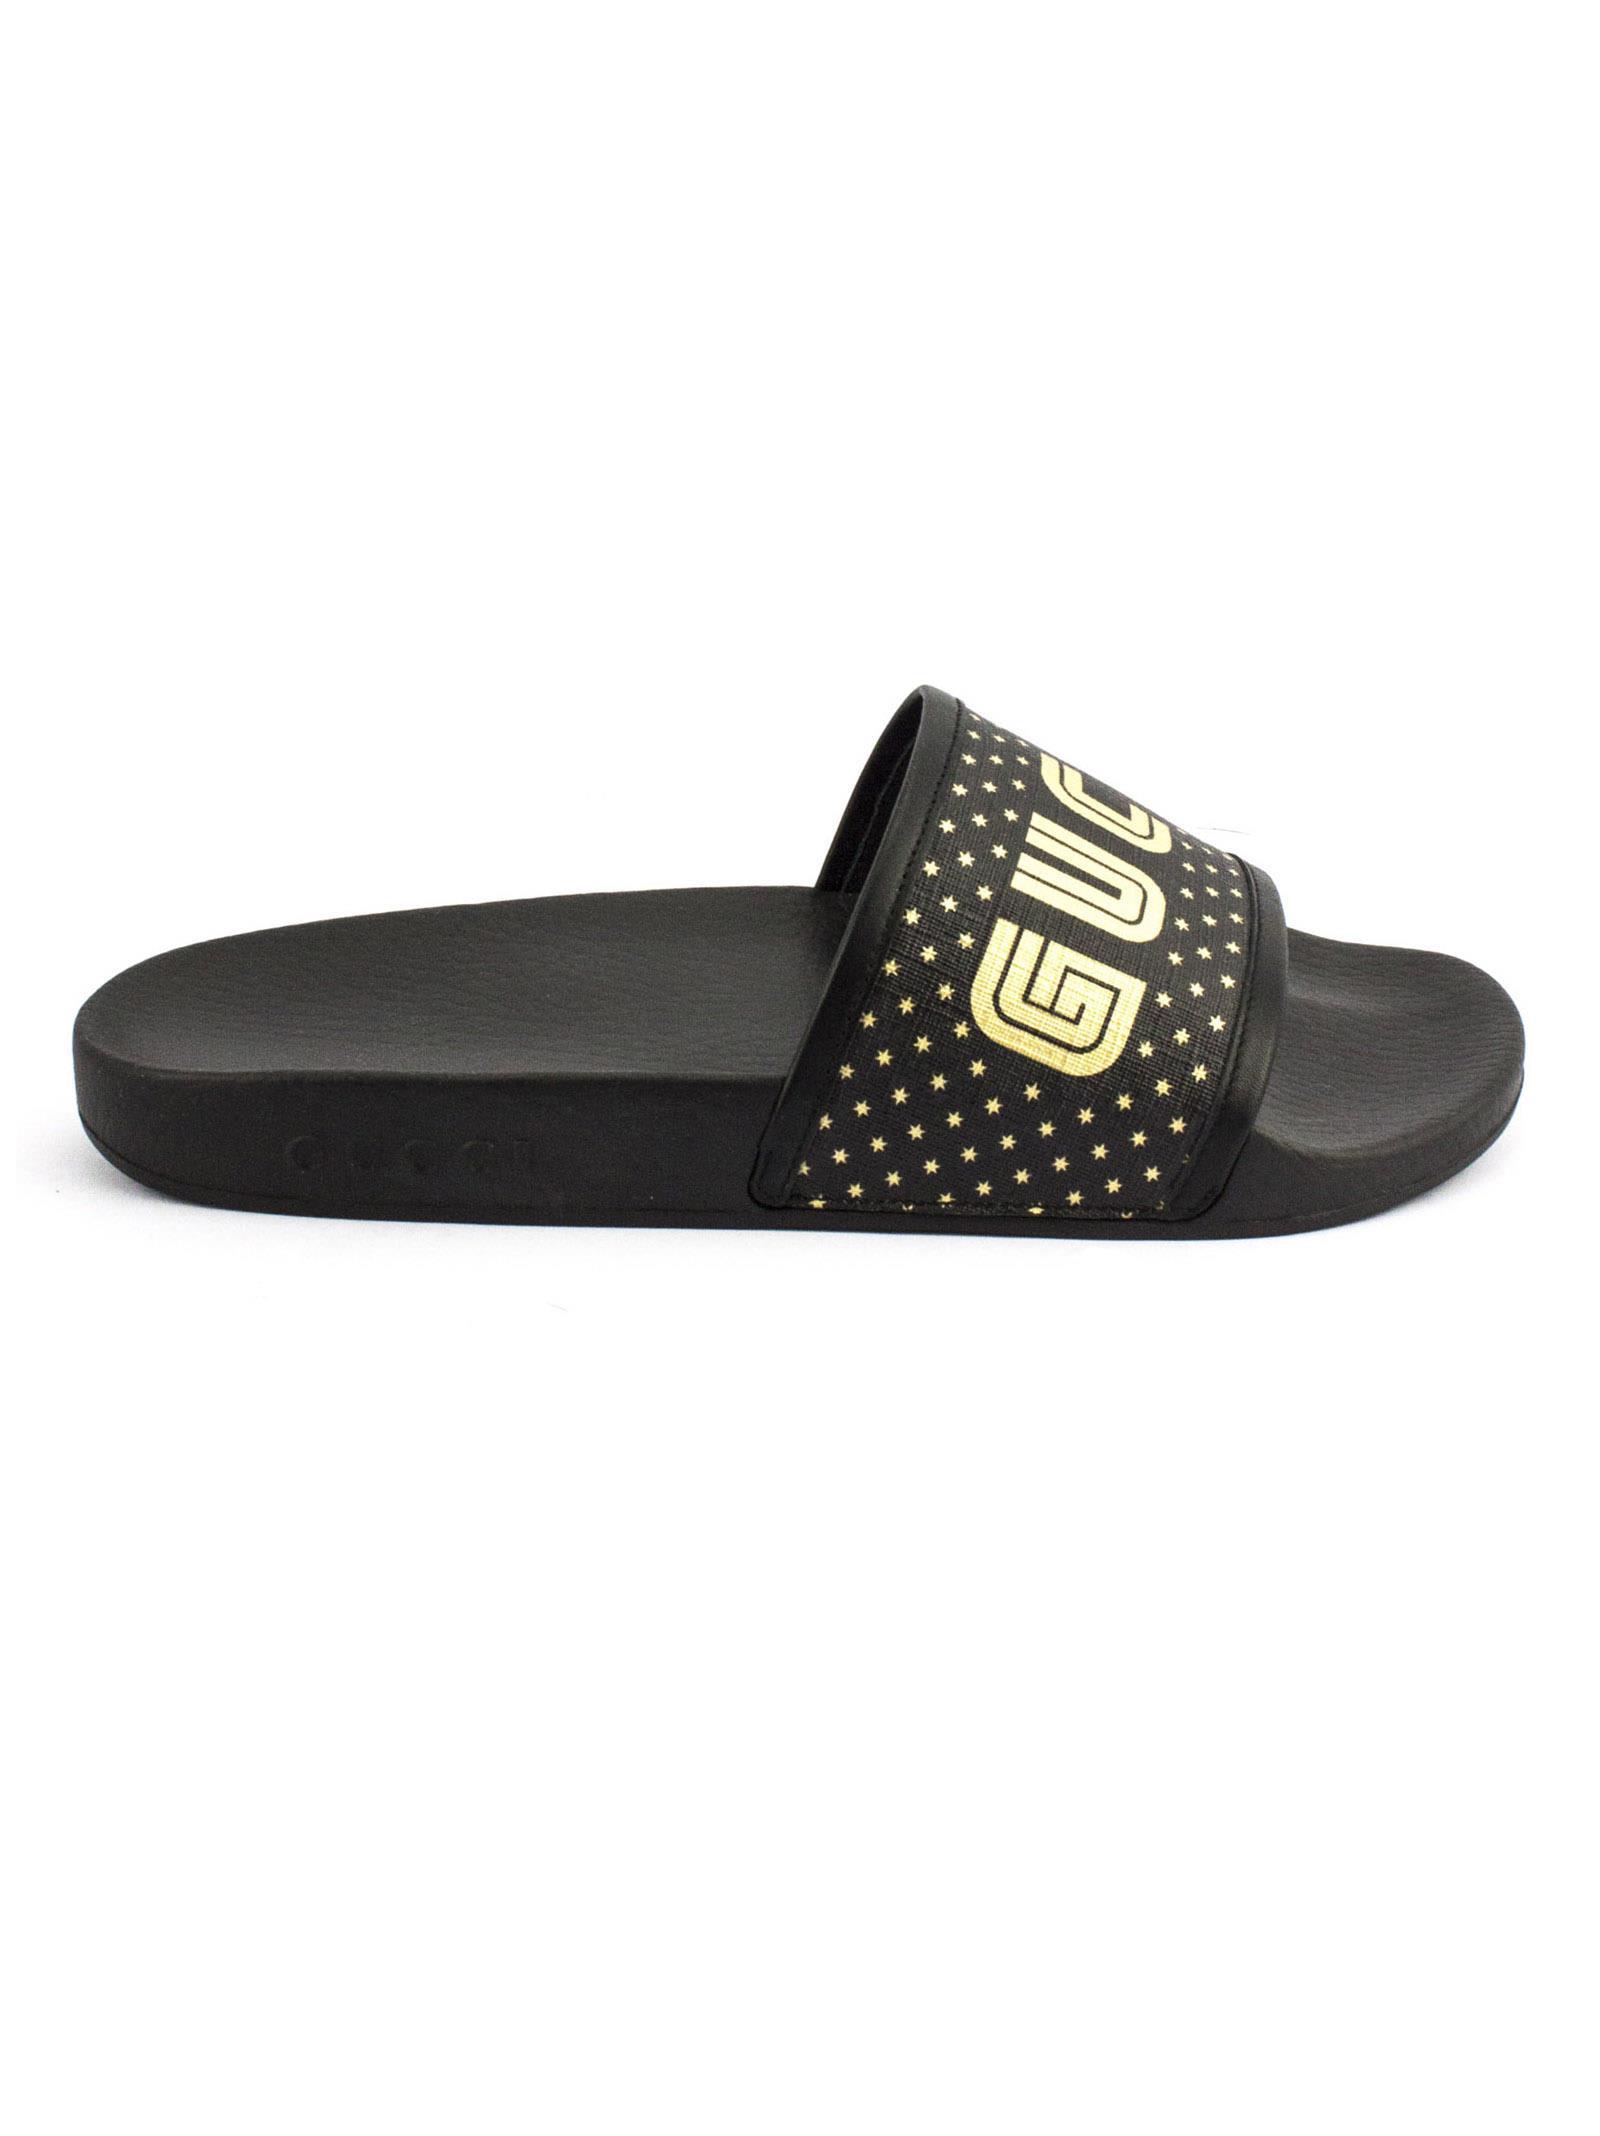 d4eed4ca4 Gucci Gucci Black Supreme Canvas Guccy Print Slide - Nero - 10565822 ...